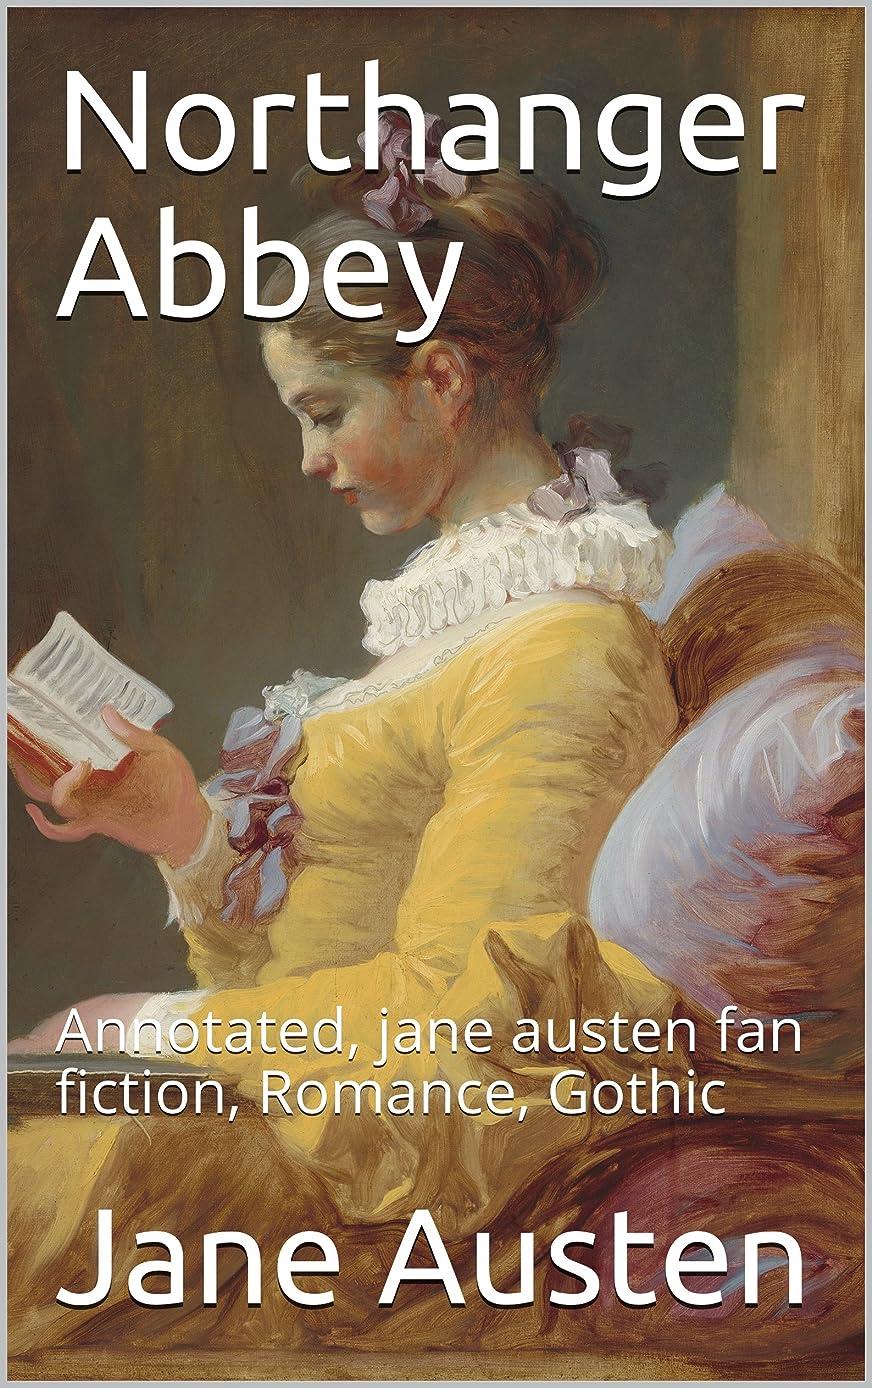 気分ブラジャーつなぐNorthanger Abbey: Annotated, jane austen fan fiction, Romance, Gothic (English Edition)